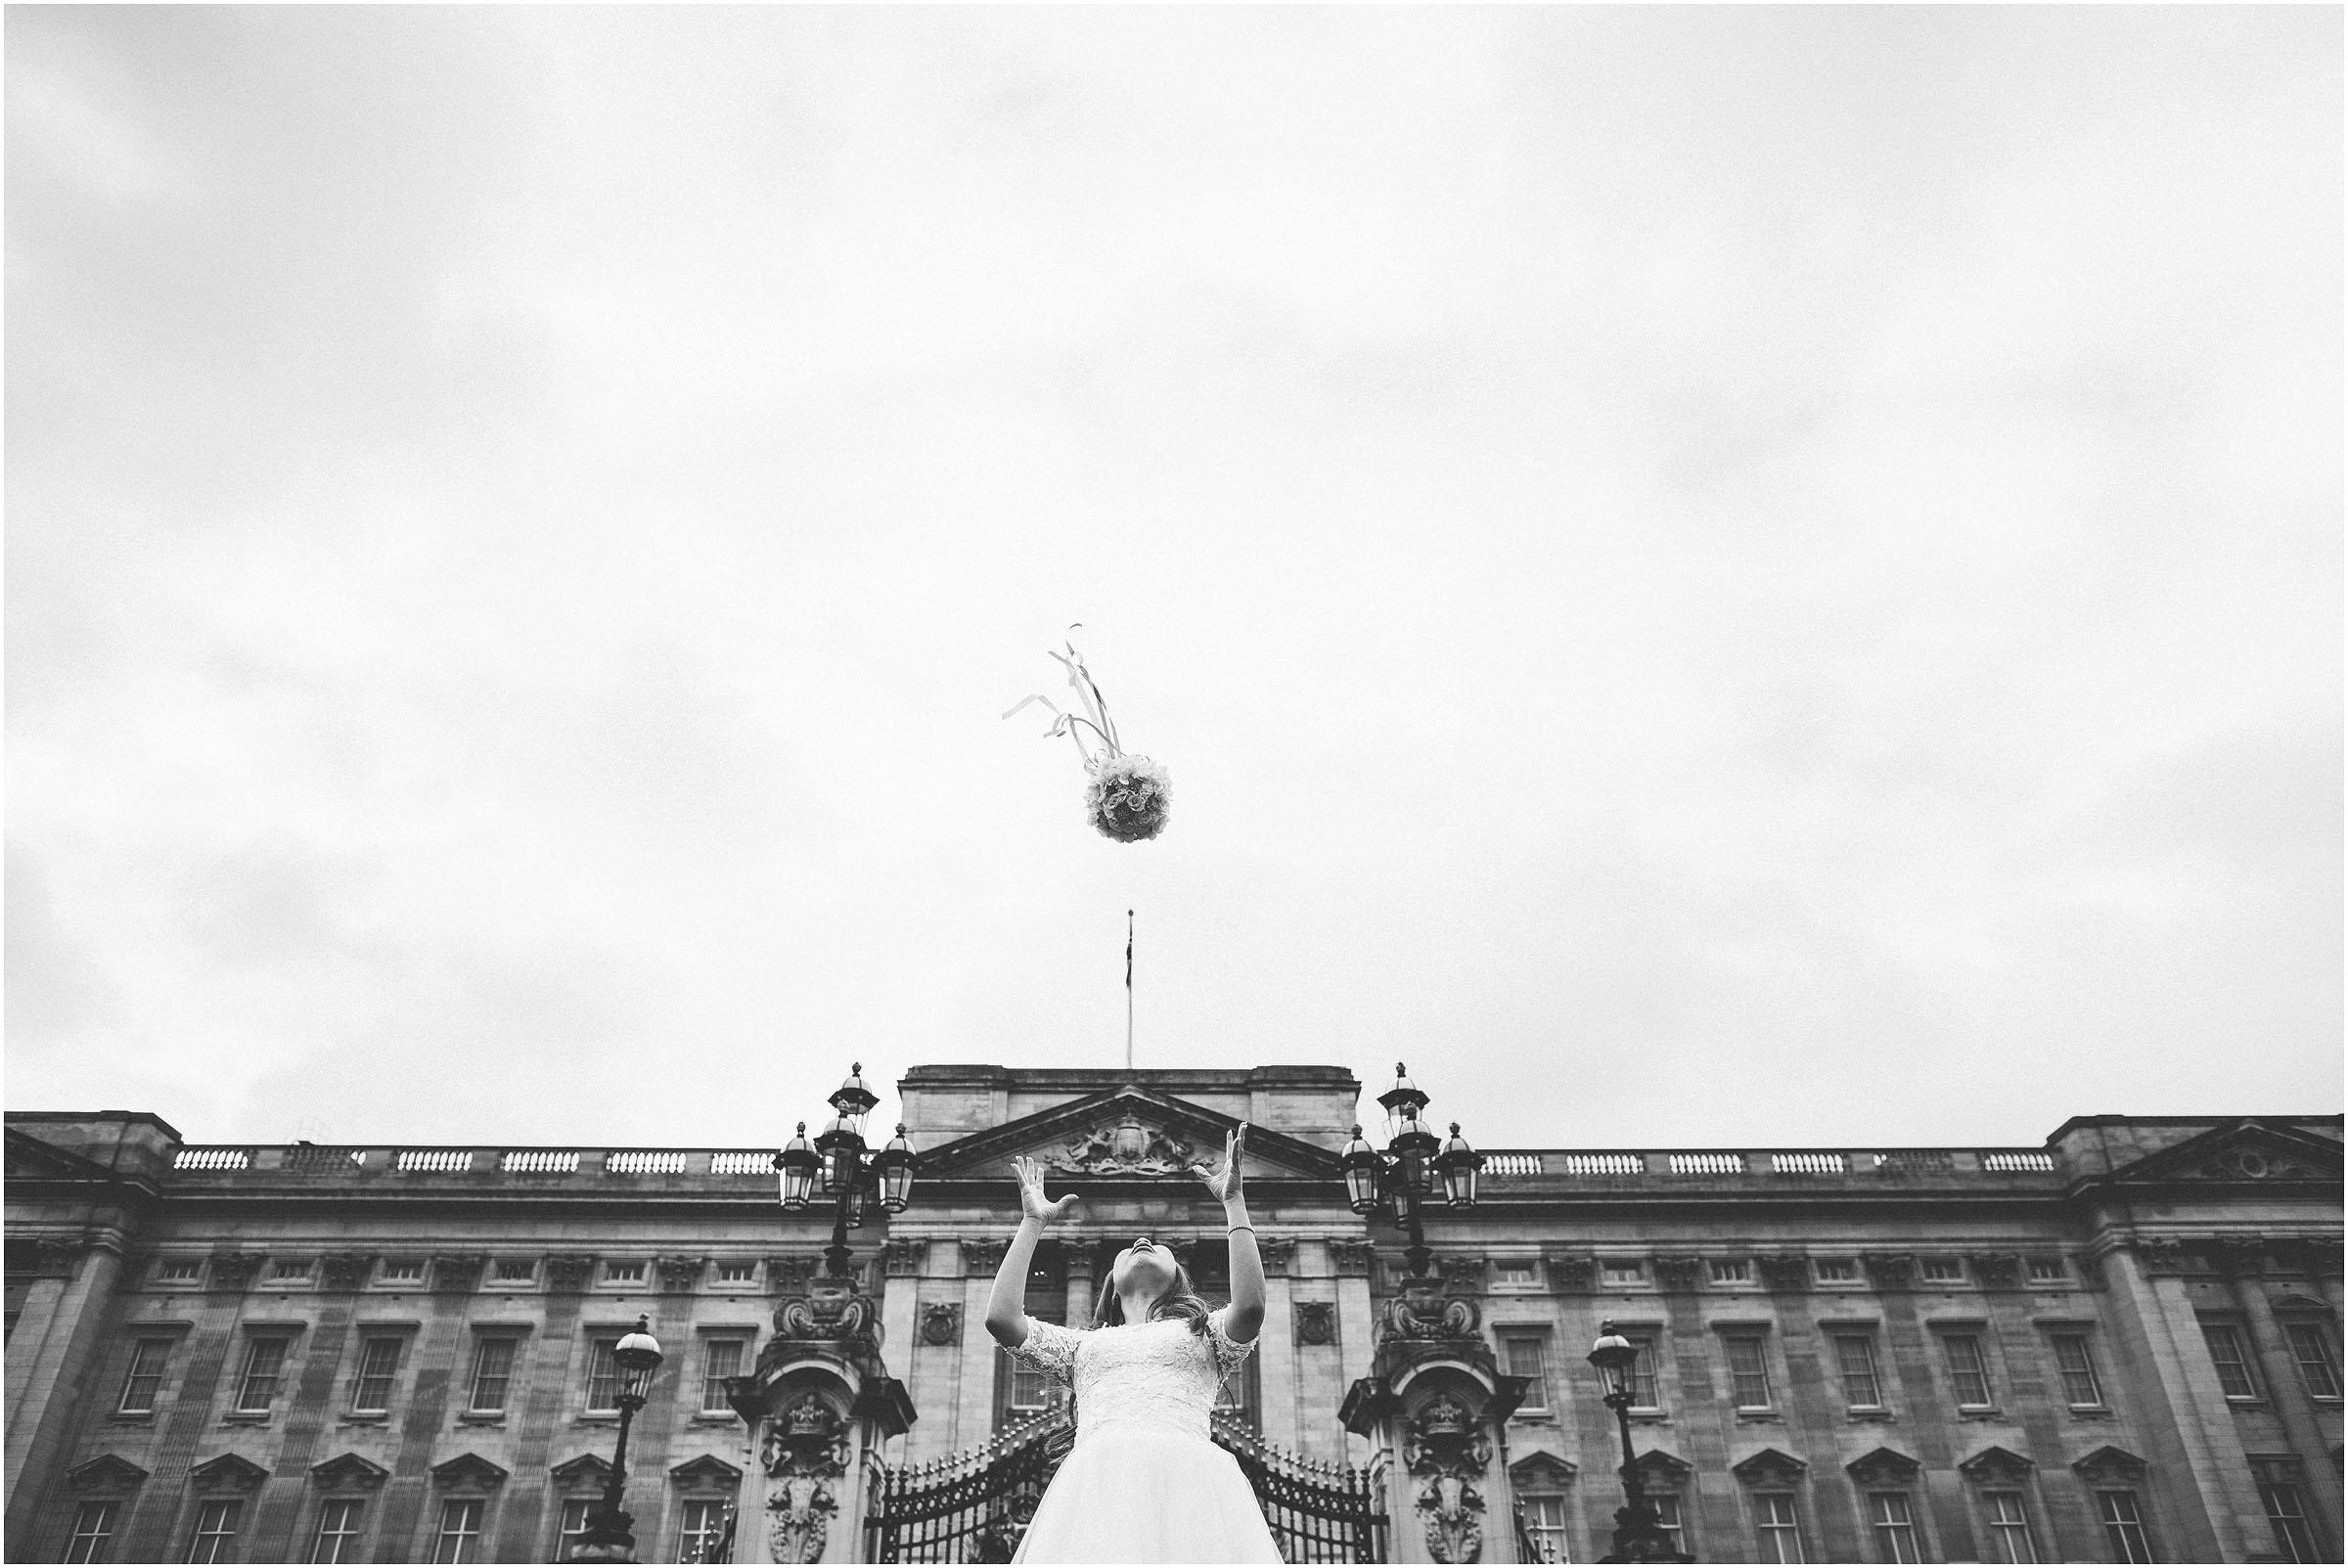 London_Portrait_Photography_0003